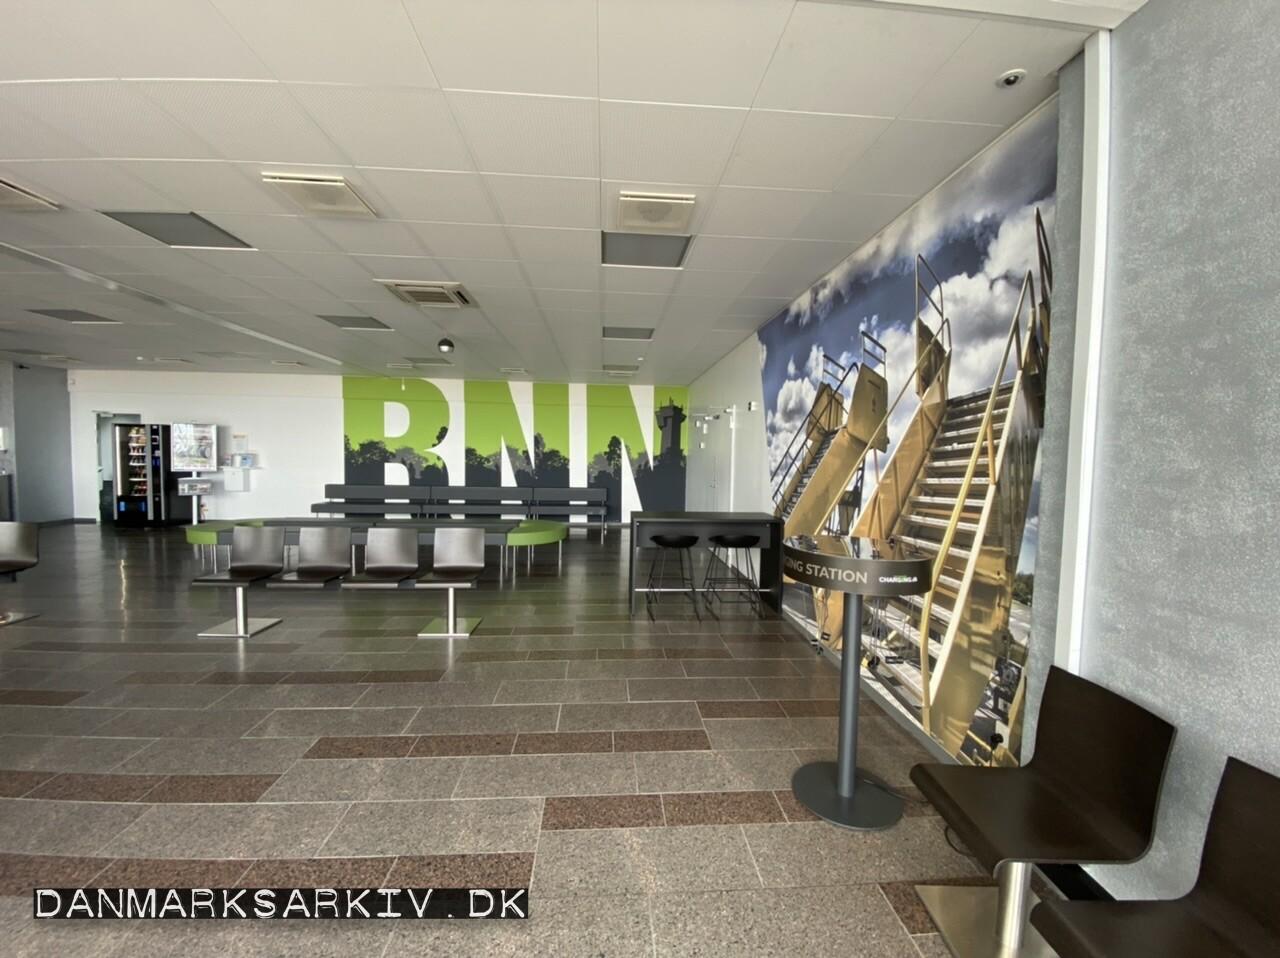 Bornholms Lufthavn - Afgangshallen 2021